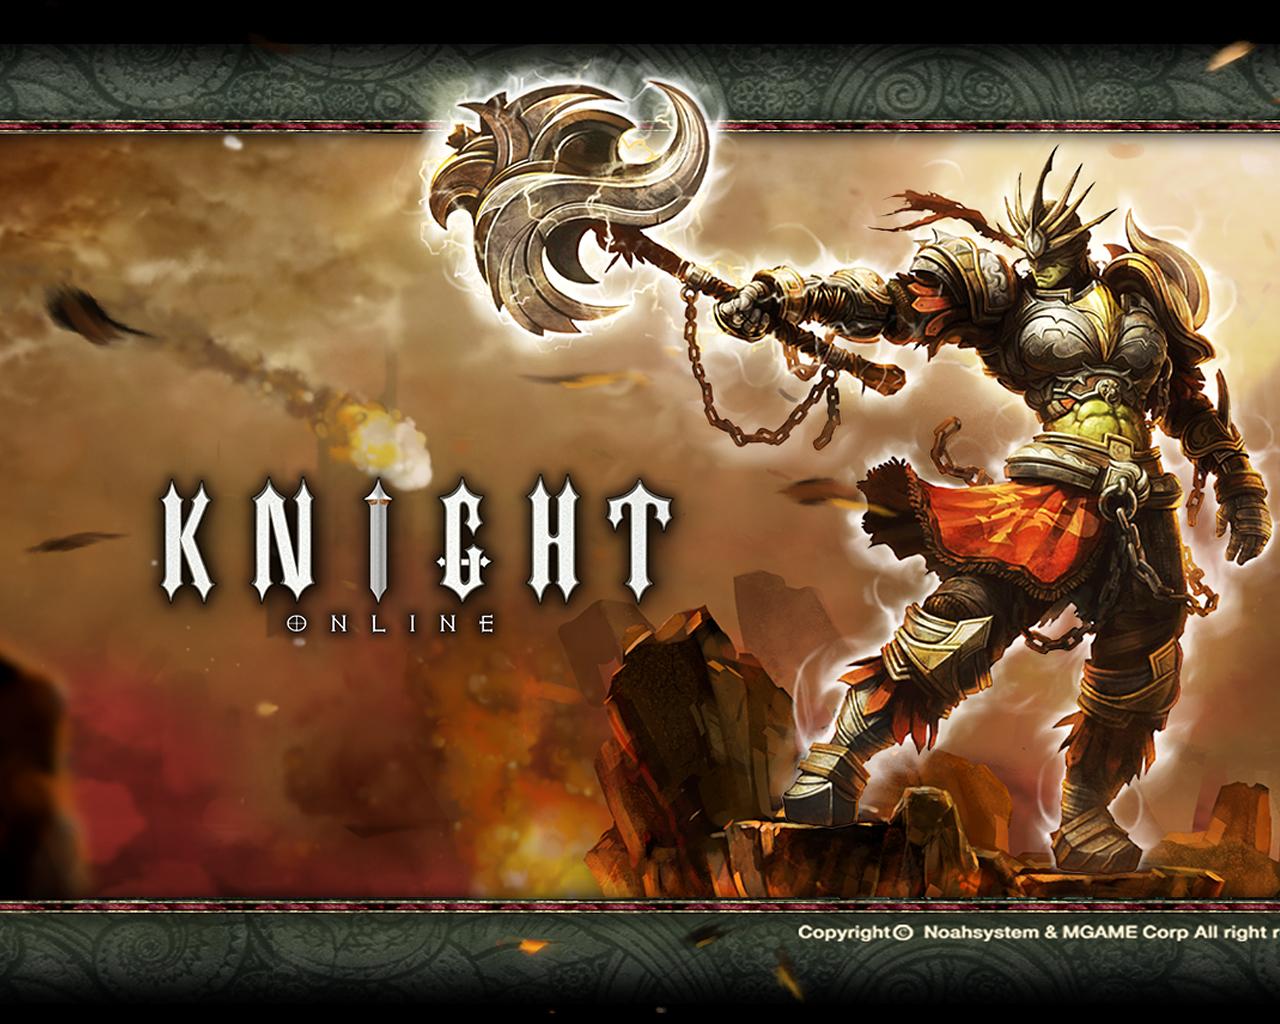 Ngắm bộ hình nền đẹp lung linh của Knight Online - Ảnh 7